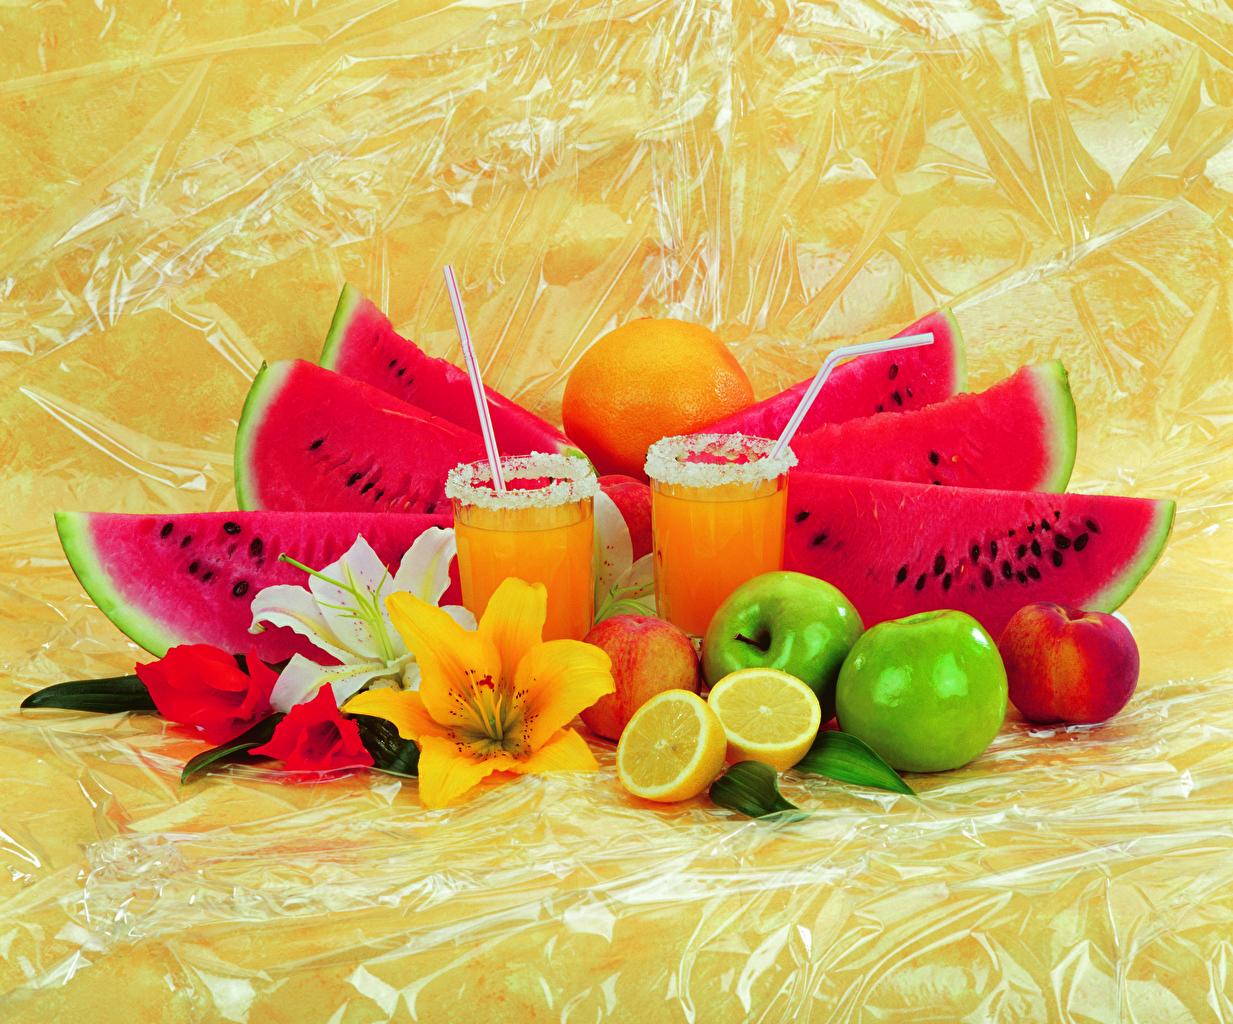 Картинка Сок Лилии Апельсин Лимоны Яблоки Арбузы стакана Еда лилия Стакан стакане Пища Продукты питания